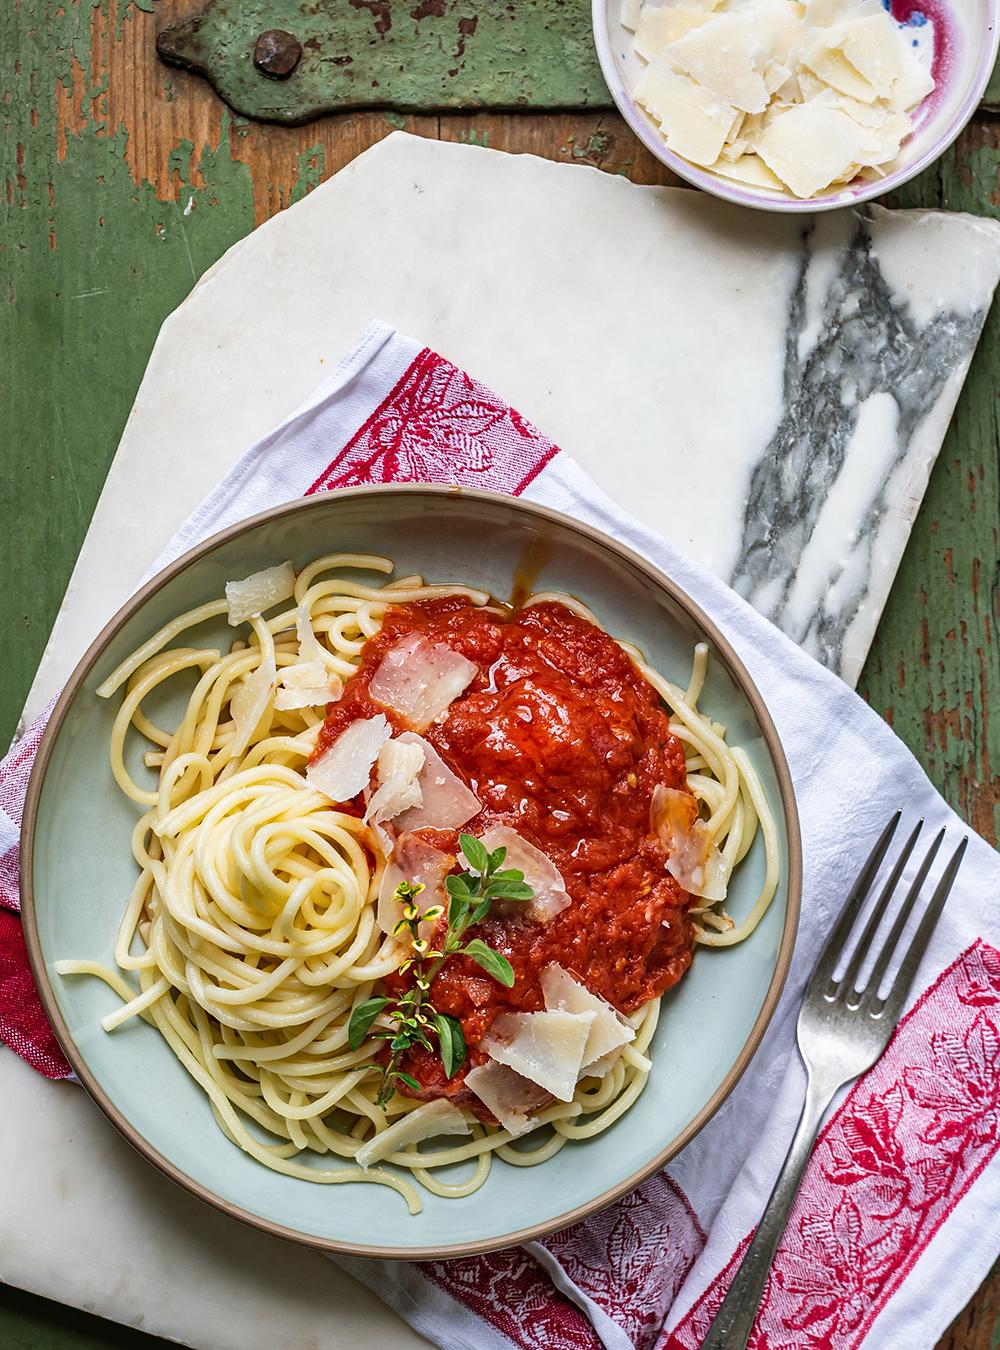 7 Tage - 7 geniale Rezepte für Spaghetti mit Tomatensauce. Heute mit Butter und Zwiebeln von Marcella Hazan, eine der schnellsten und besten Pastasaucen